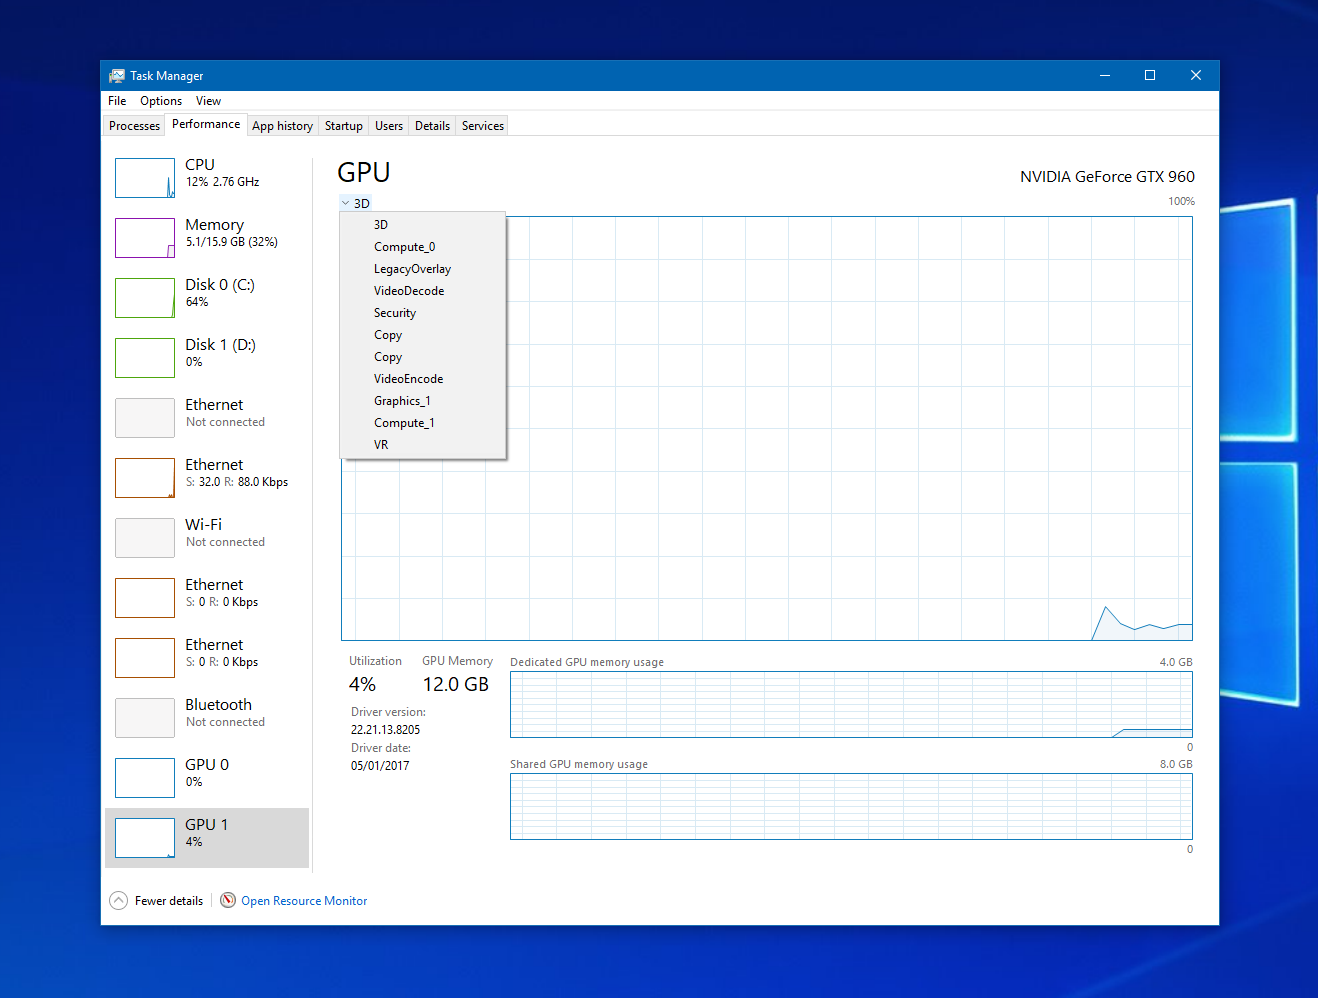 Windows 10 Insider añade la GPU al administrador de tareas » MuyComputer